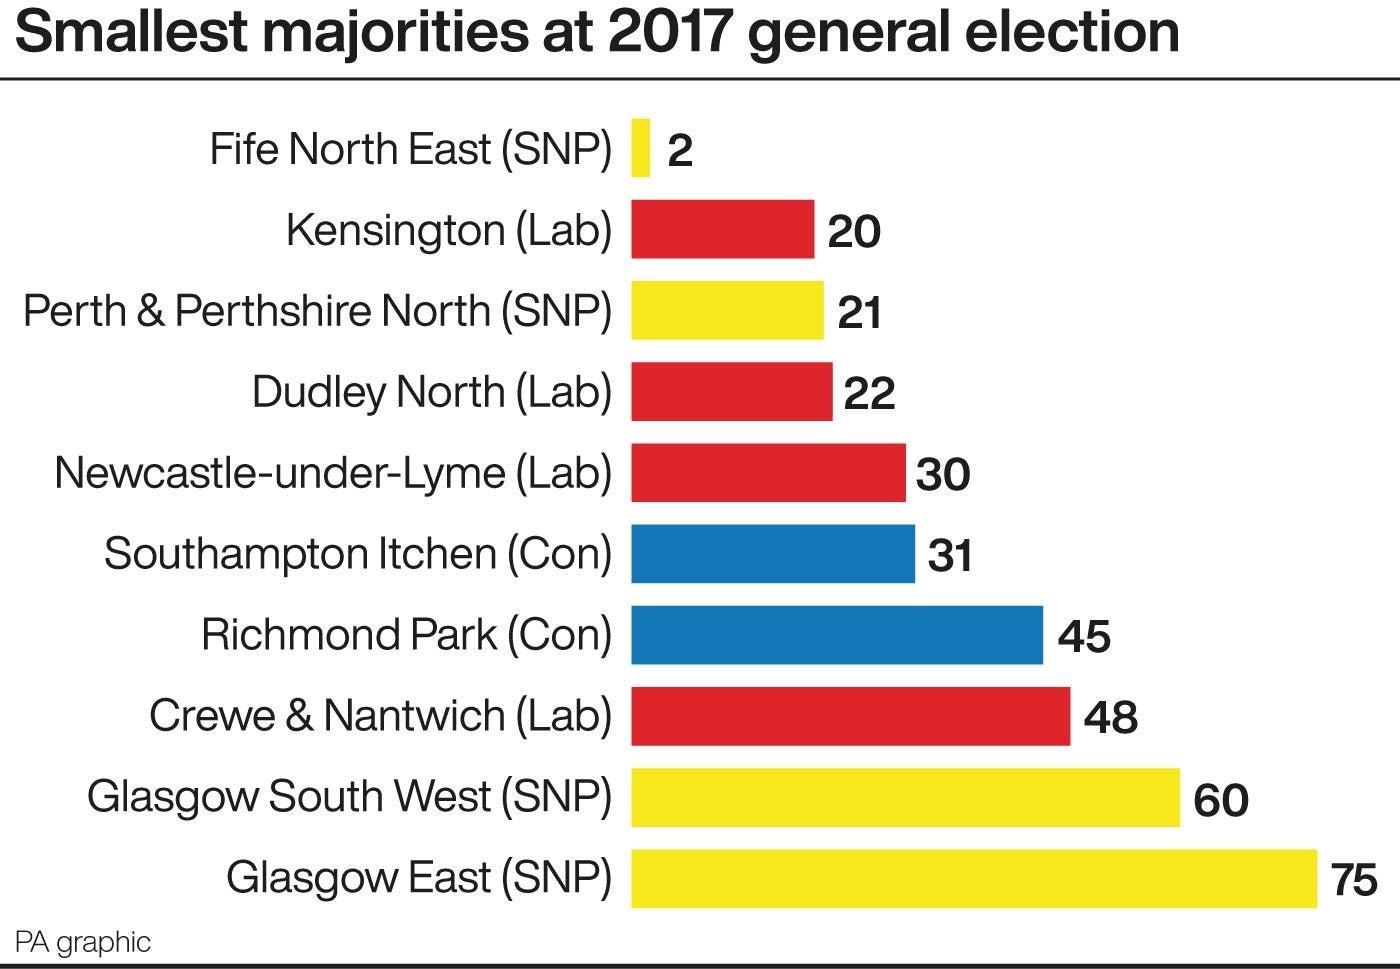 general-election-smallest-majorities.jpg